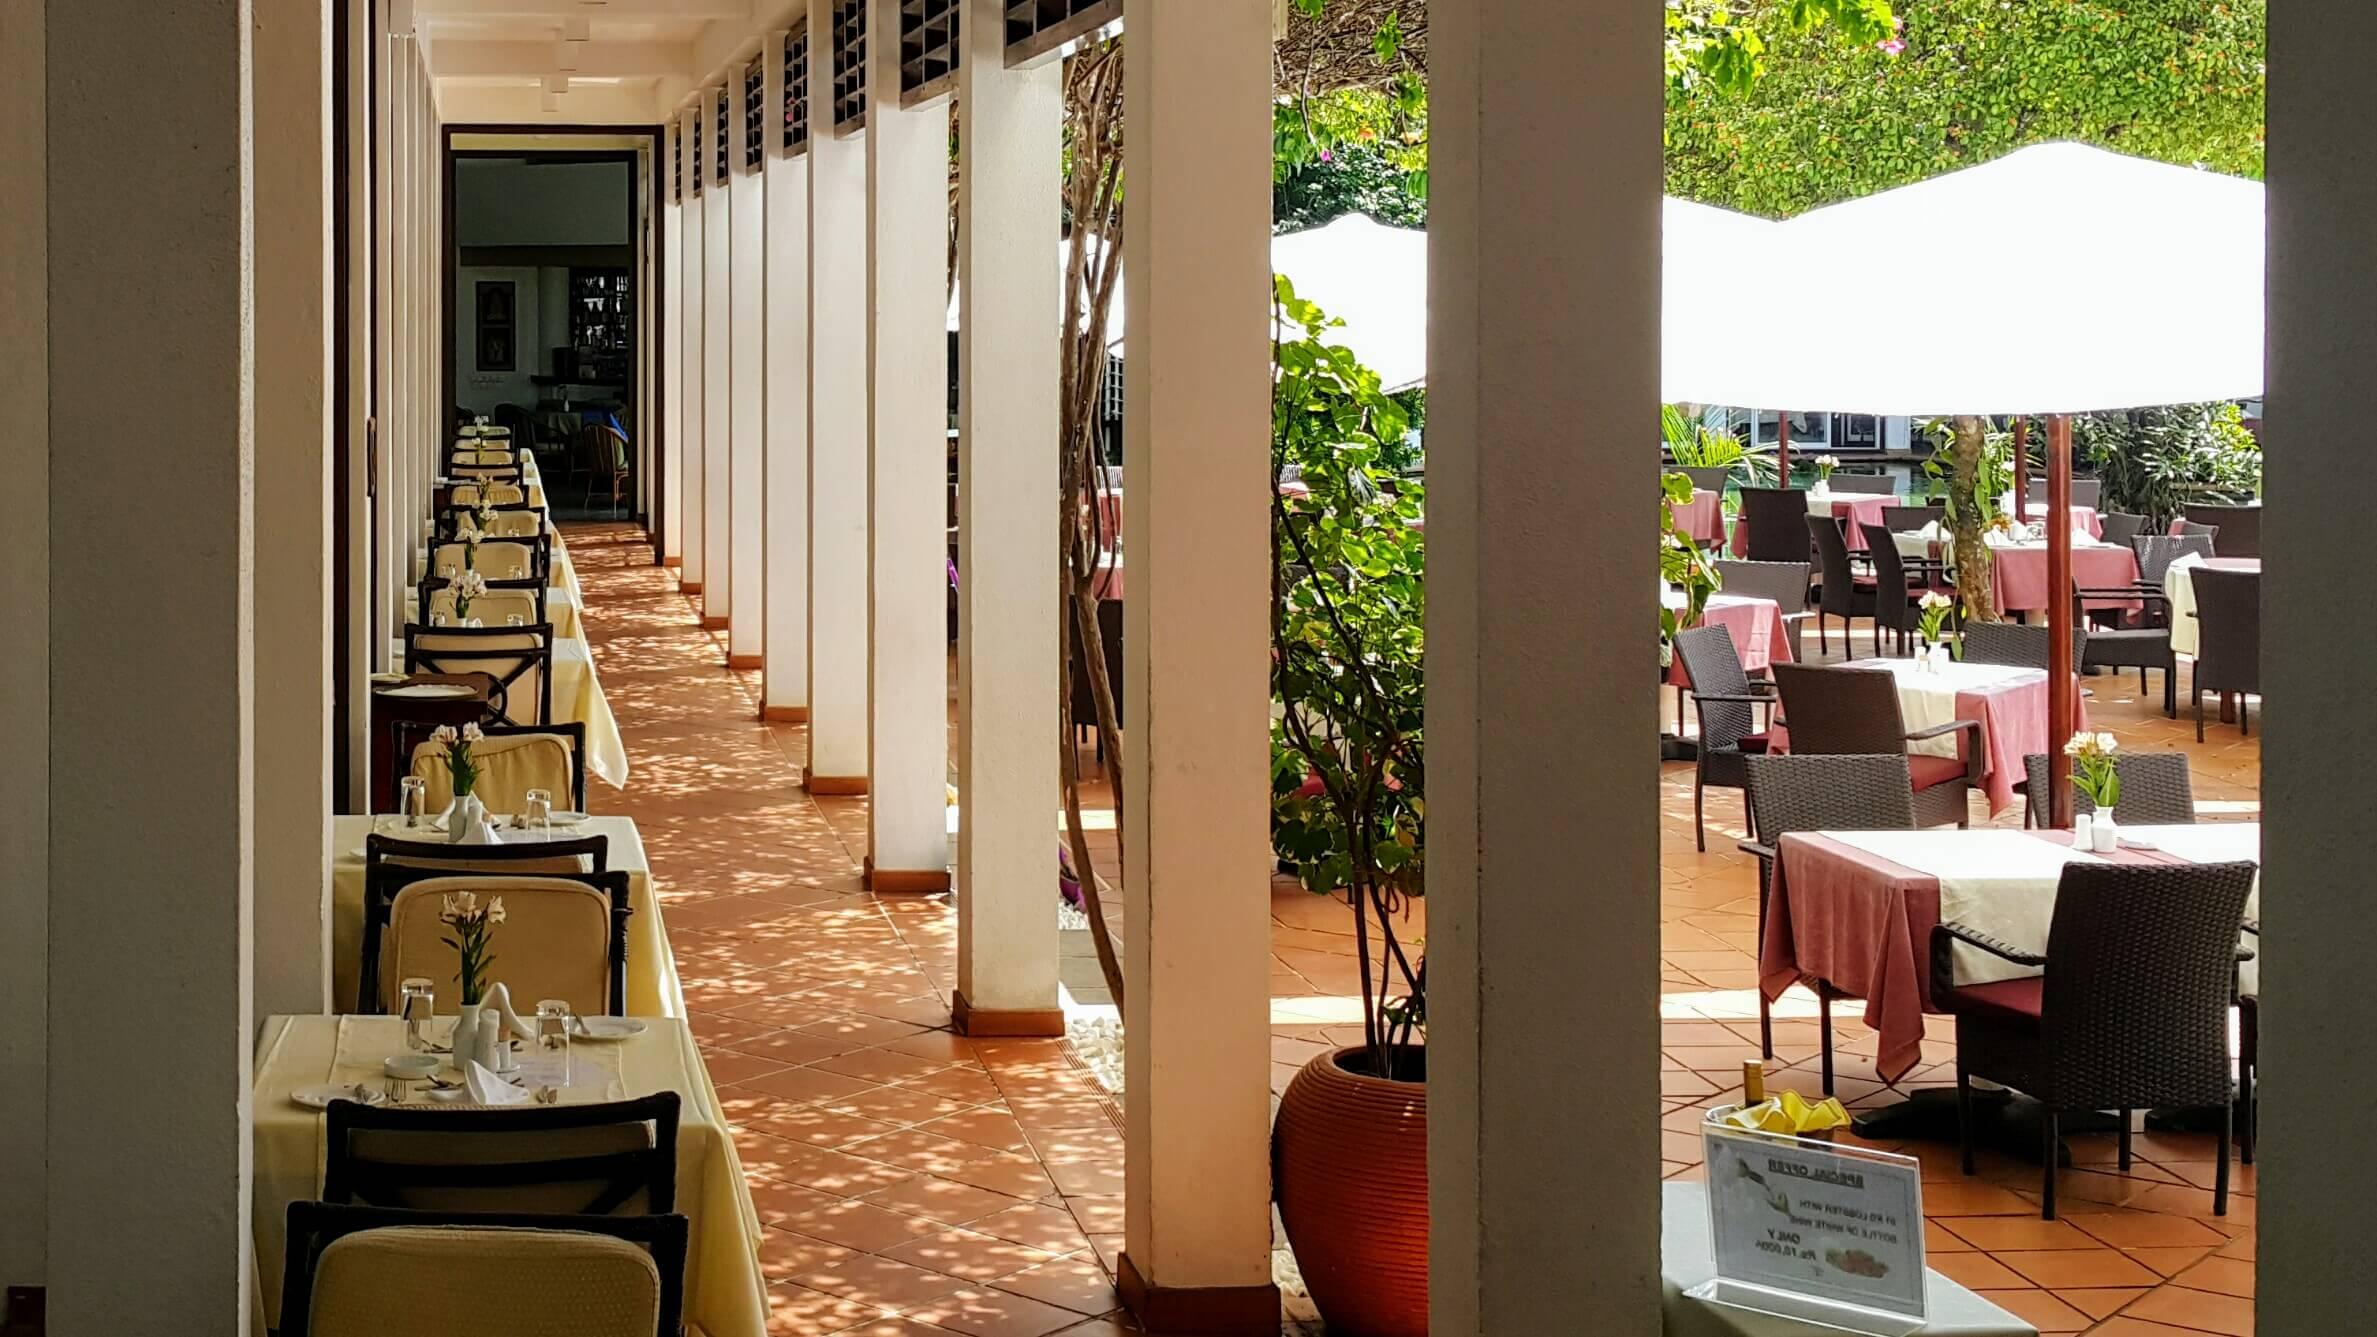 Restaurant Terrasse im Lanka Princess, dem Ayurveda Hotel in Sri Lanka unter deutschen Leitung